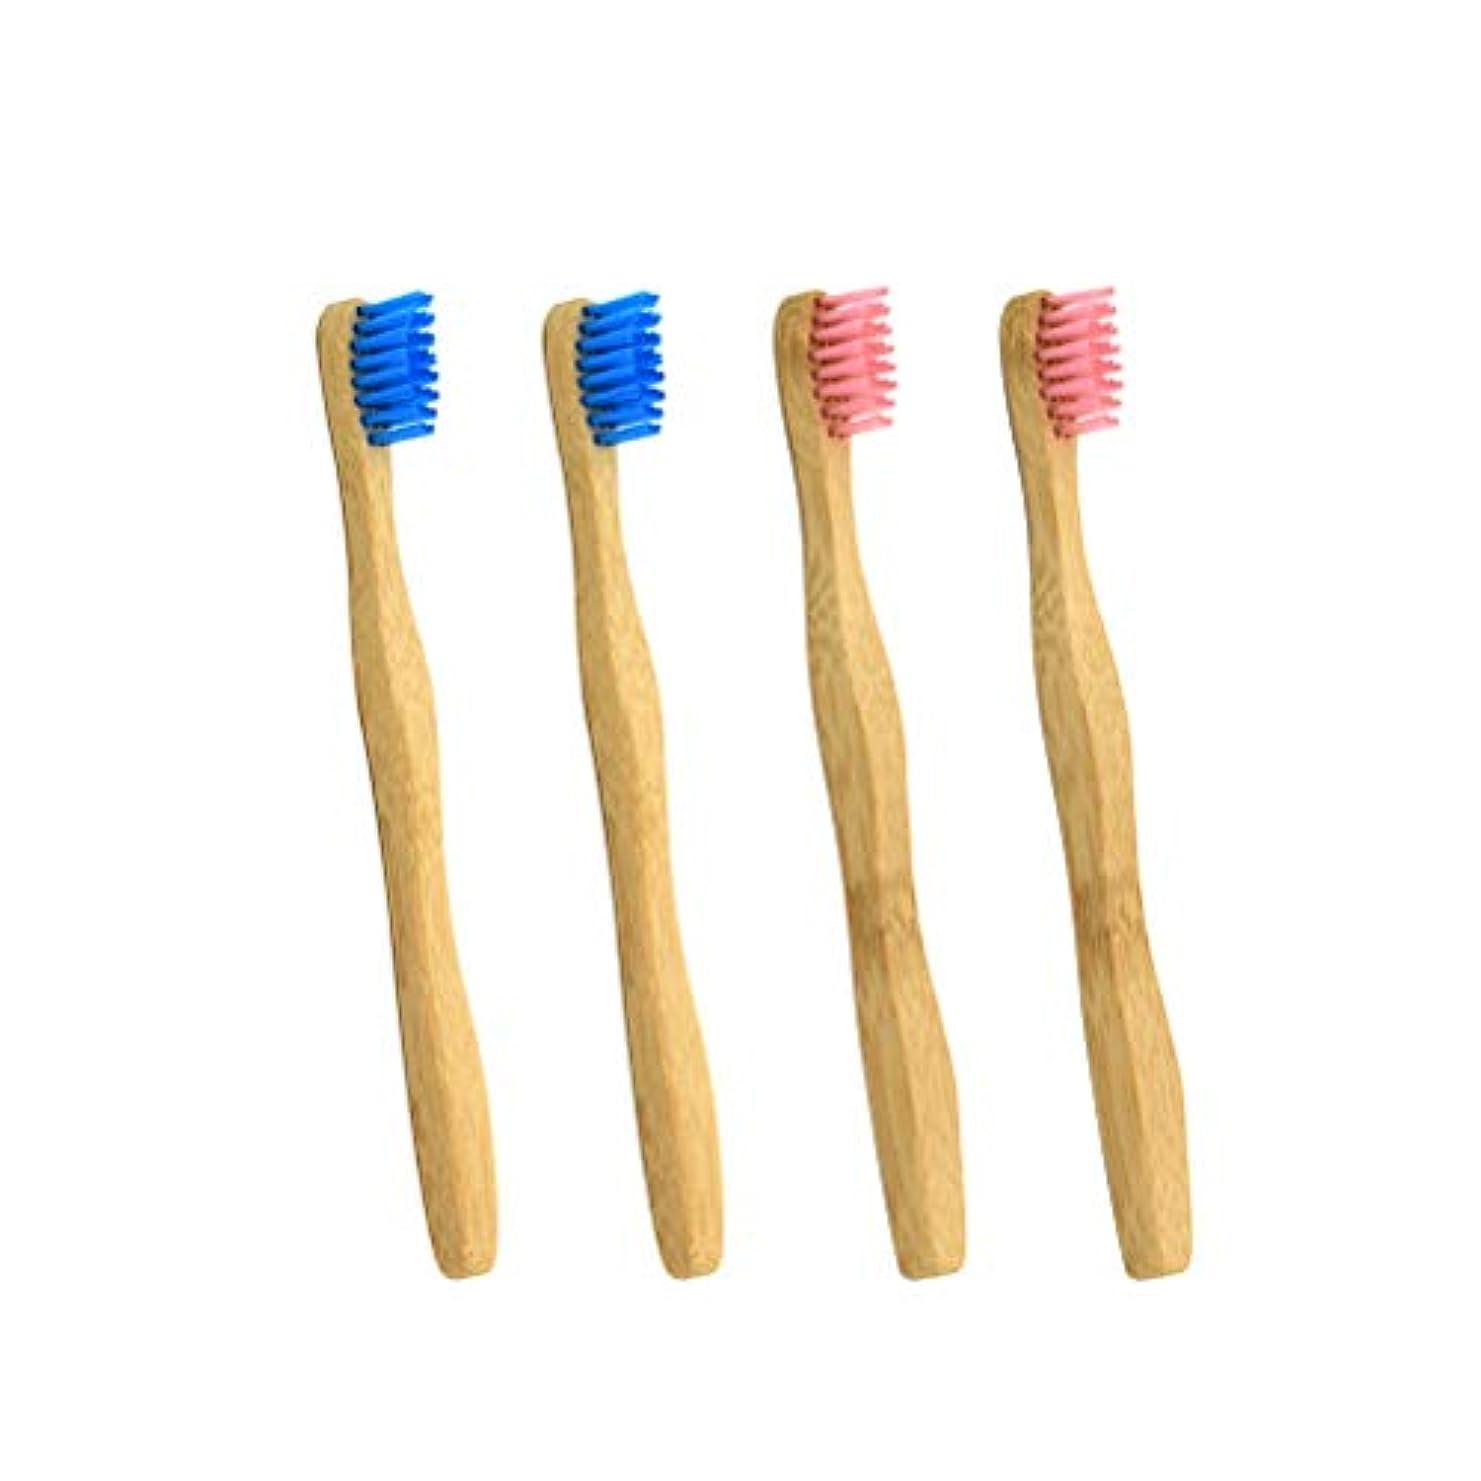 口述する吸収剤ホームHEALIFTY 子供の竹の歯ブラシ環境に優しい抗菌性の子供の歯ブラシ4本